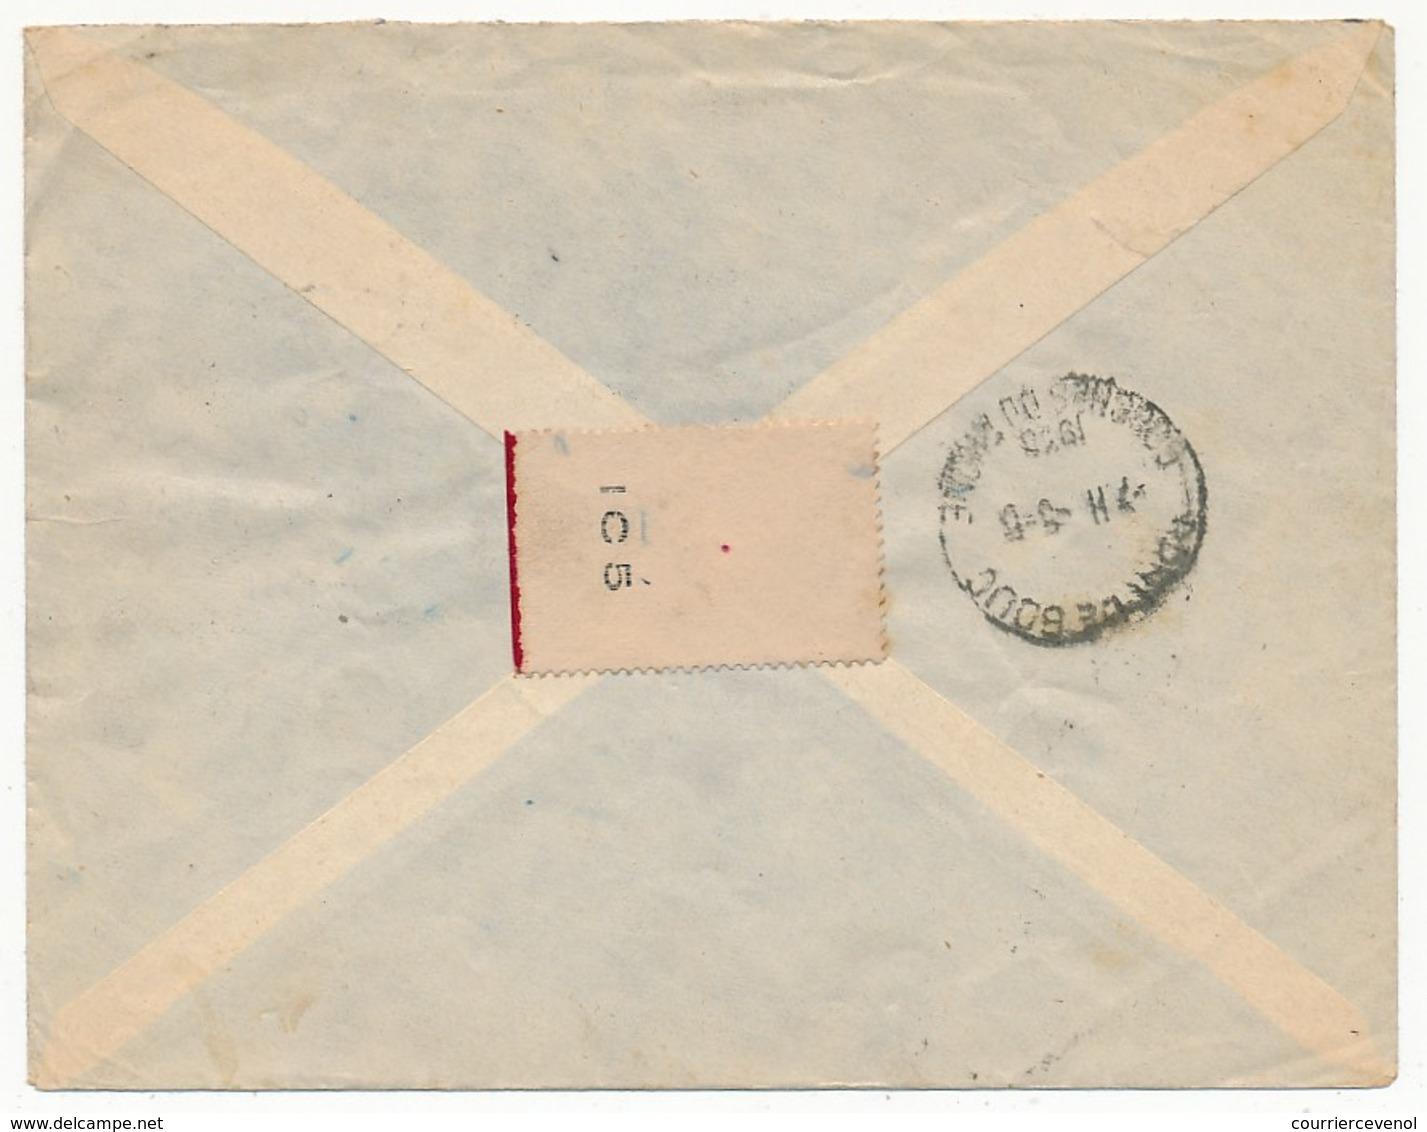 SENEGAL - Belle Enveloppe Affr. Composé - Dakar Sucoursale 1938 - Lettres & Documents